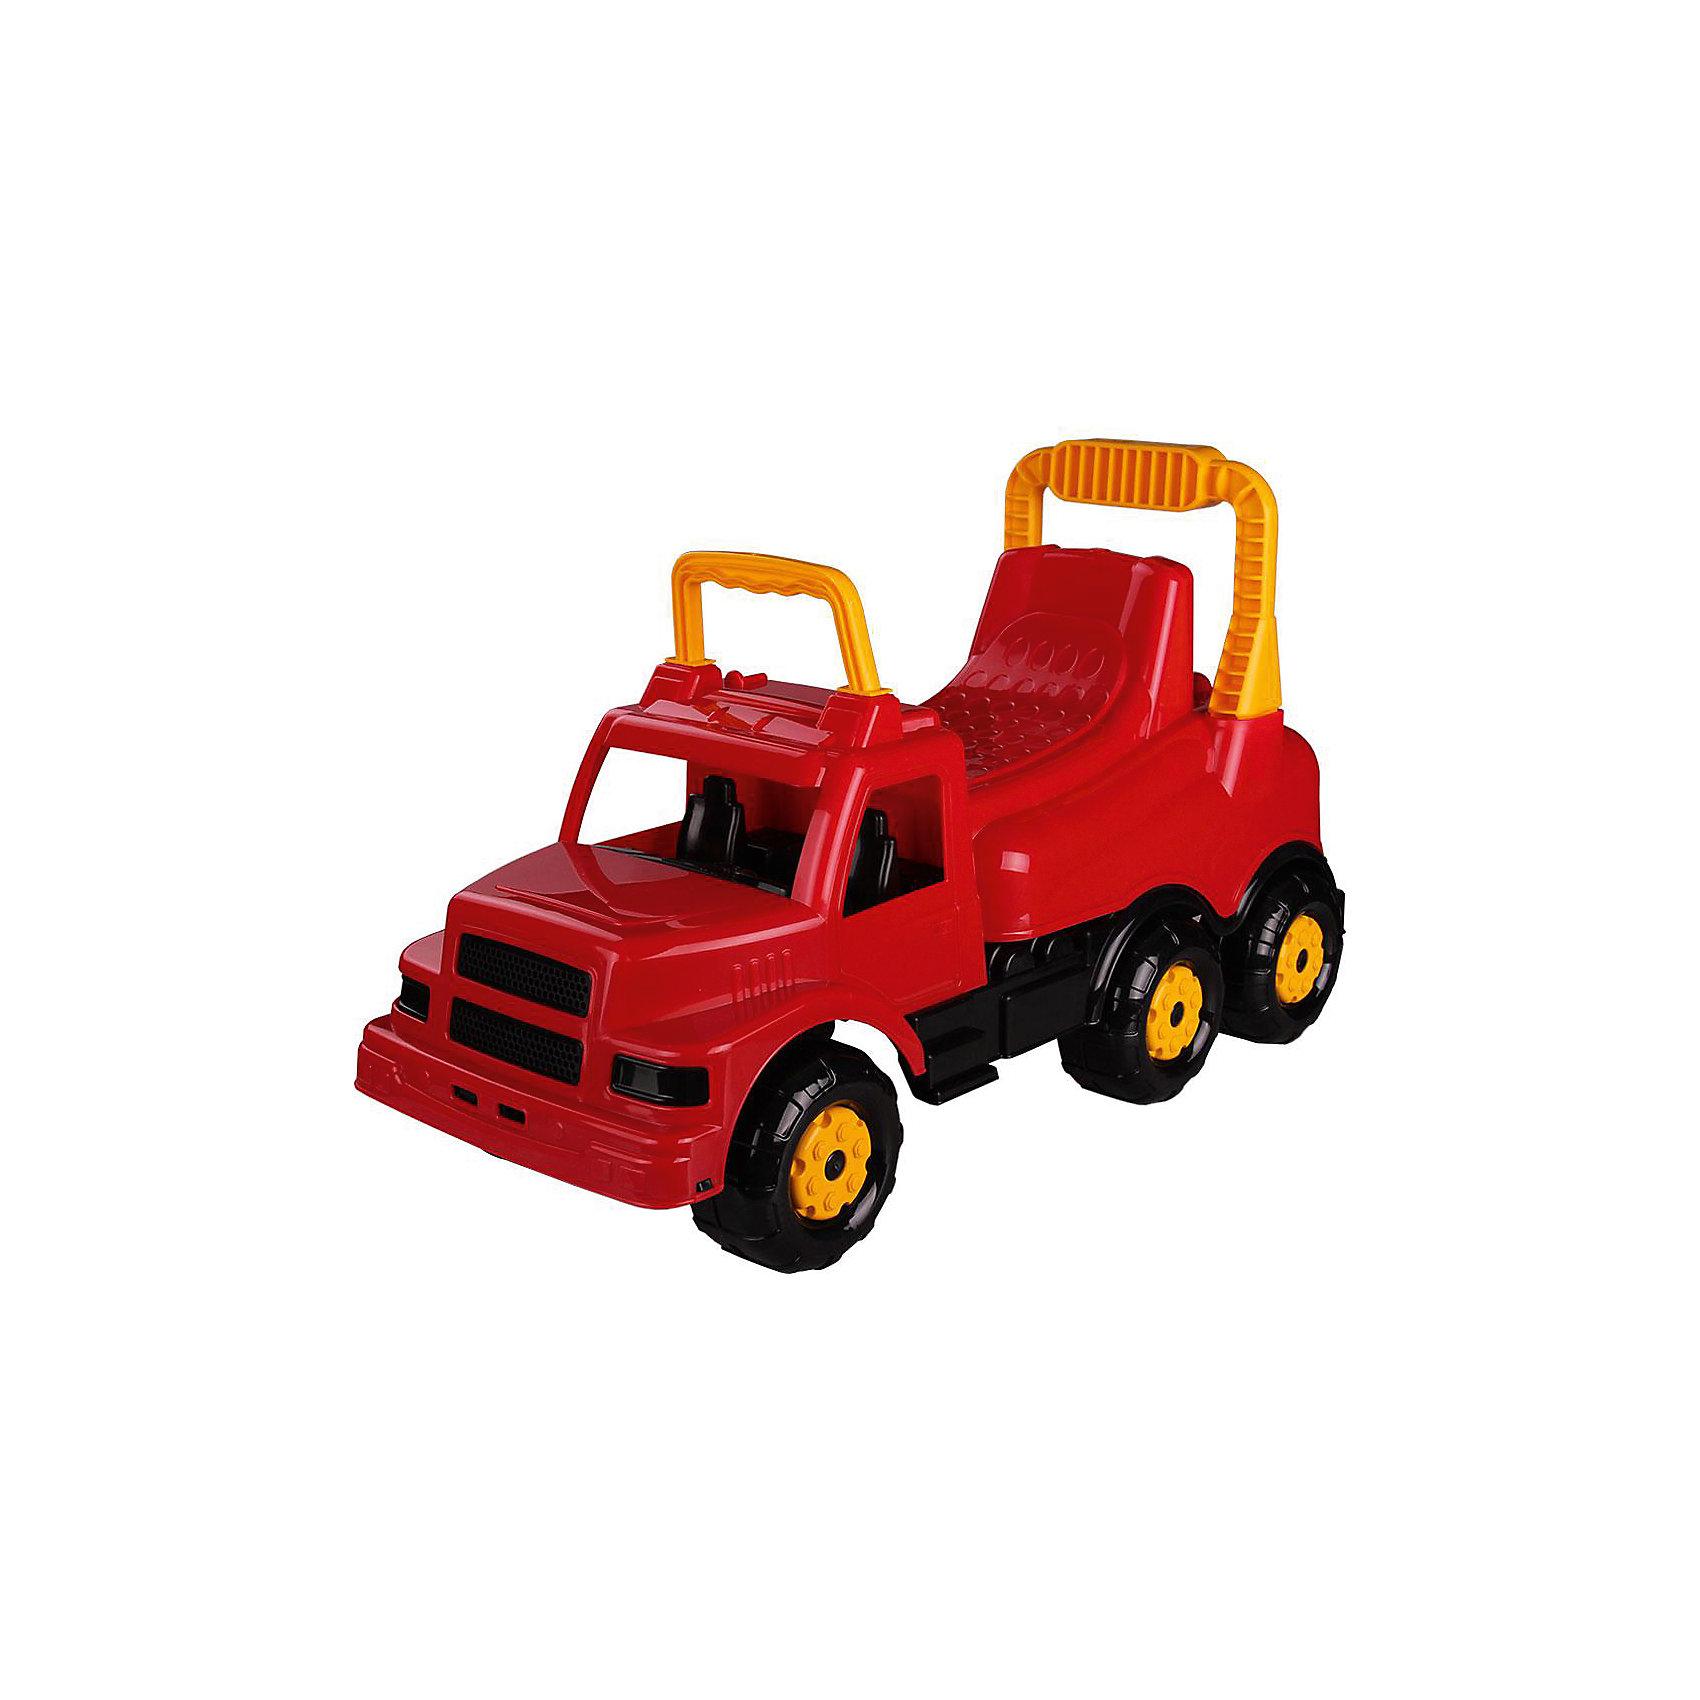 Машинка детская Весёлые гонки ,  Alternativa, красныйМашинки-каталки<br>Изумительная машинка Веселые гонки изготовлена из прочного пластика и способна покатать ребенка. У машинки есть удобное сидение, две ручки и шесть колес. Такой замечательный транспорт непременно понравятся мальчику.<br><br>Дополнительная информация:<br>Материал: пластик<br>Цвет: красный<br>Размер: 69,5х29х40 см<br><br>Вы можете купить машинку Веселые гонки в нашем интернет-магазине.<br><br>Ширина мм: 695<br>Глубина мм: 290<br>Высота мм: 400<br>Вес г: 2371<br>Возраст от месяцев: 36<br>Возраст до месяцев: 144<br>Пол: Унисекс<br>Возраст: Детский<br>SKU: 4979757